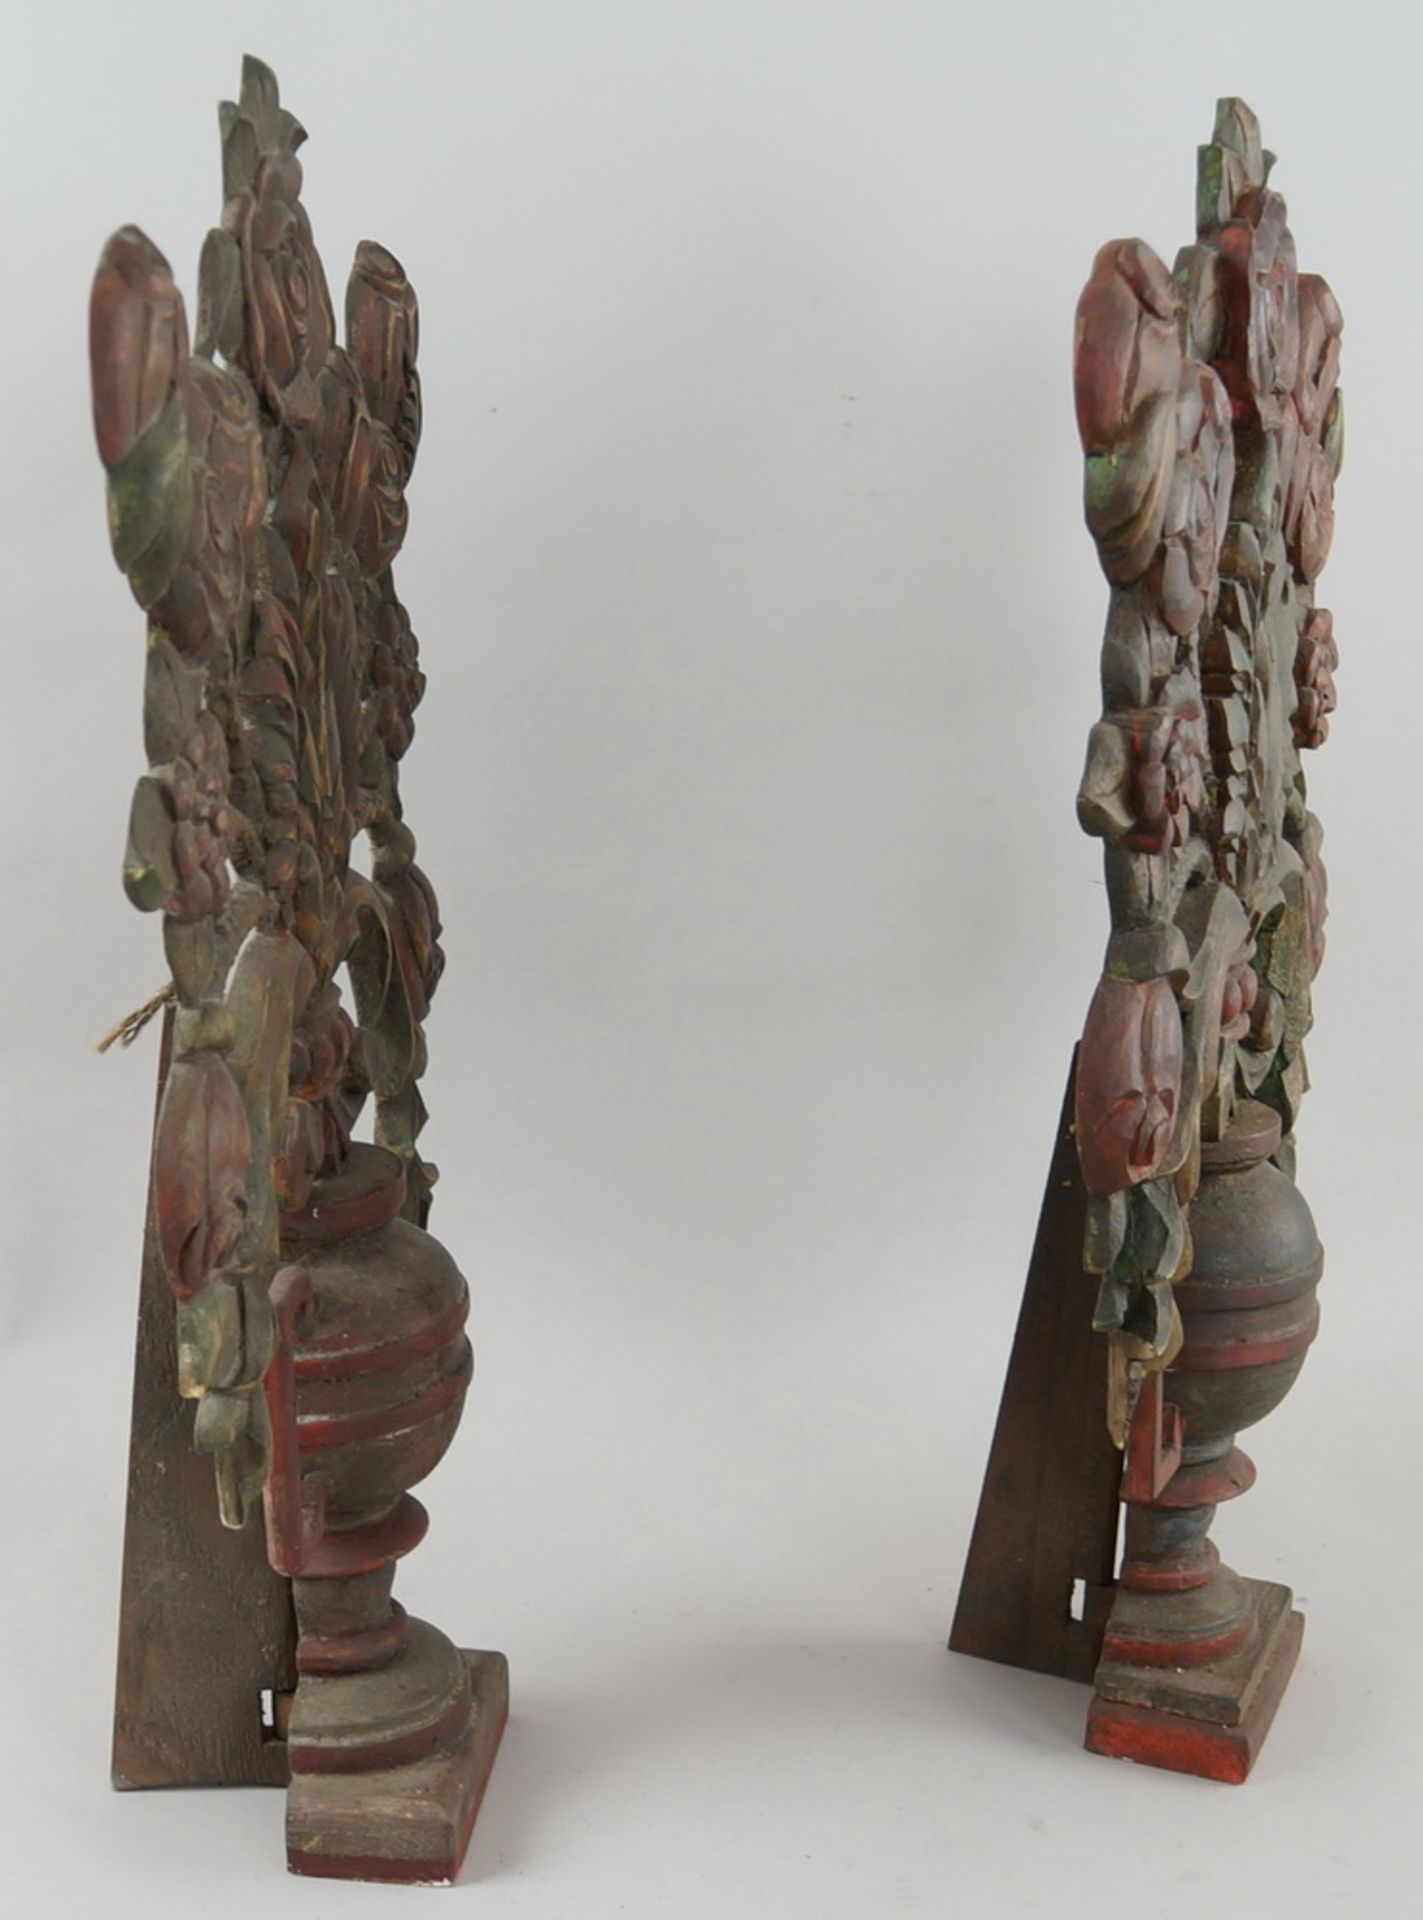 Paar bäuerliche Maiblumen / Altarvasen, Holz geschnitzt und gefasst, 63x35x13cm - Bild 5 aus 6